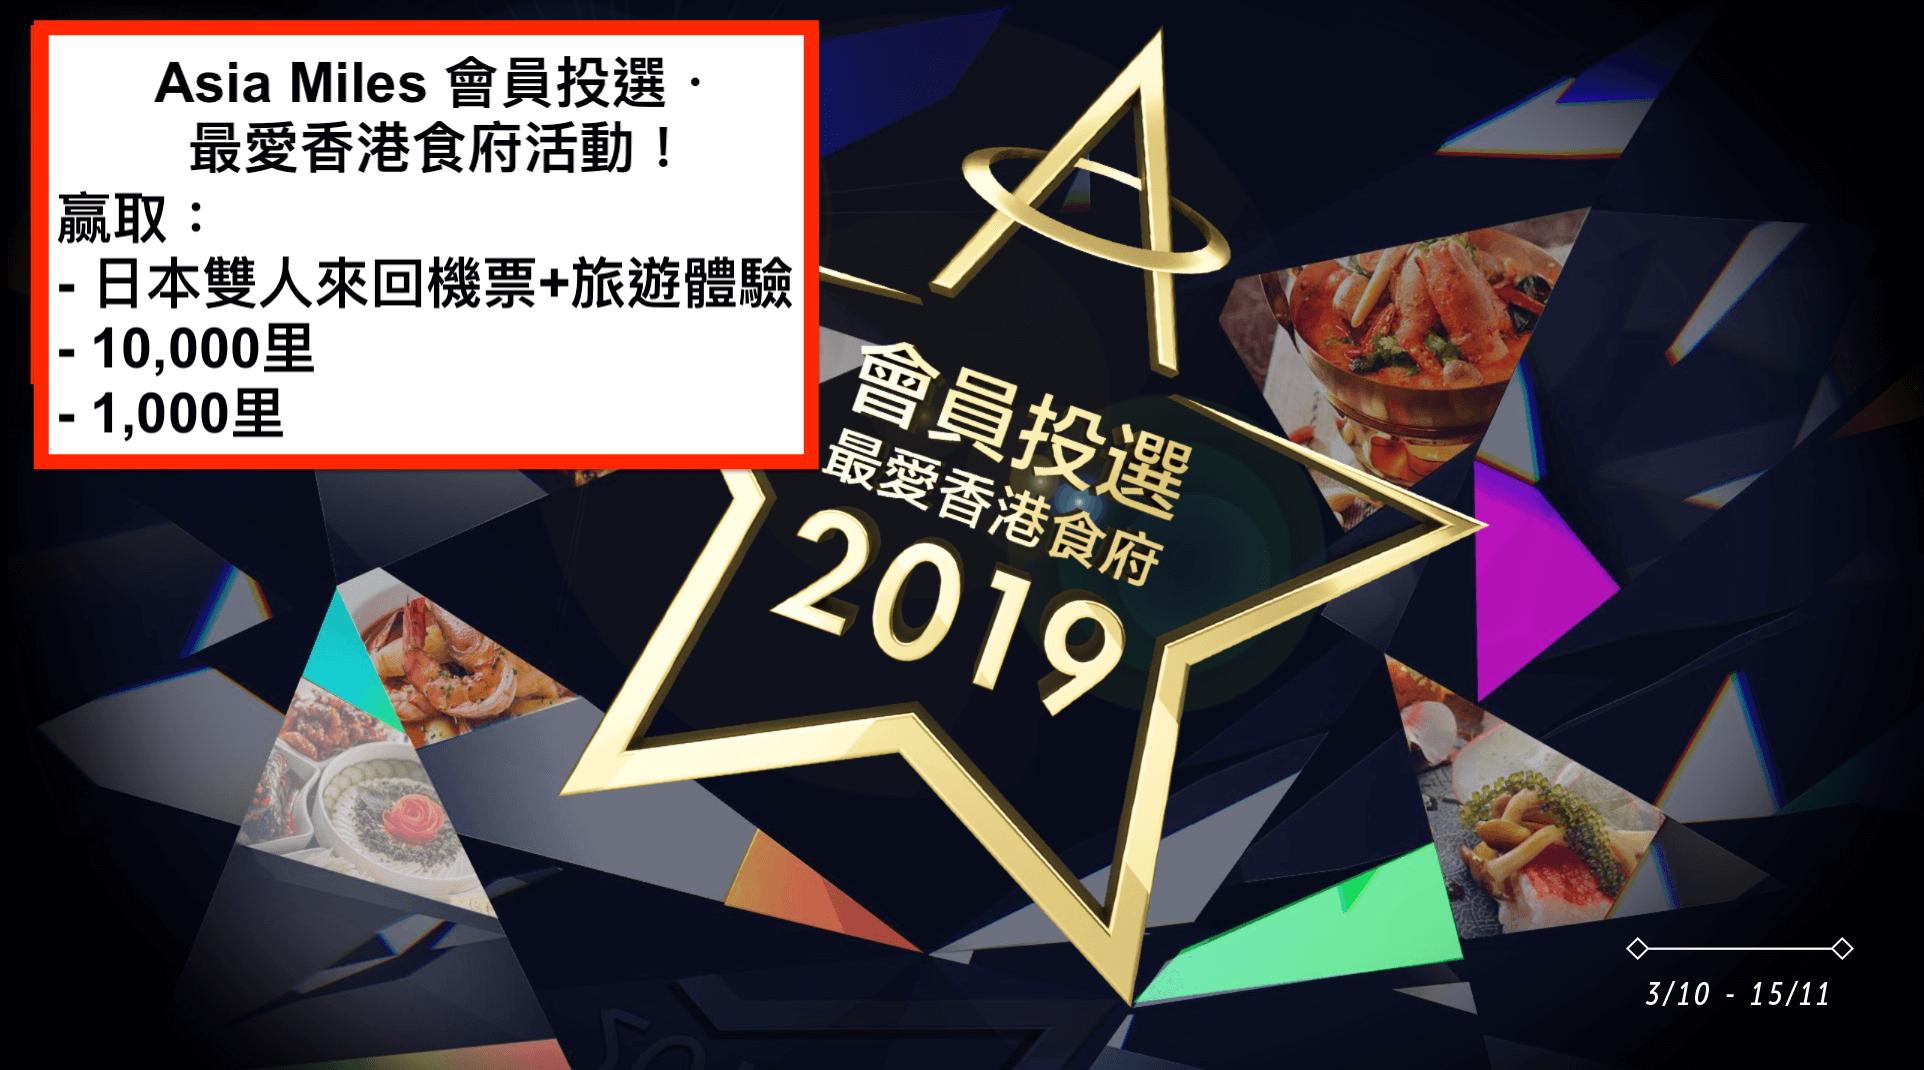 Asia Miles 會員投選・最愛香港食府活動!赢取日本雙人來回機票+旅遊體驗 或 10,000里 或 1,000里!